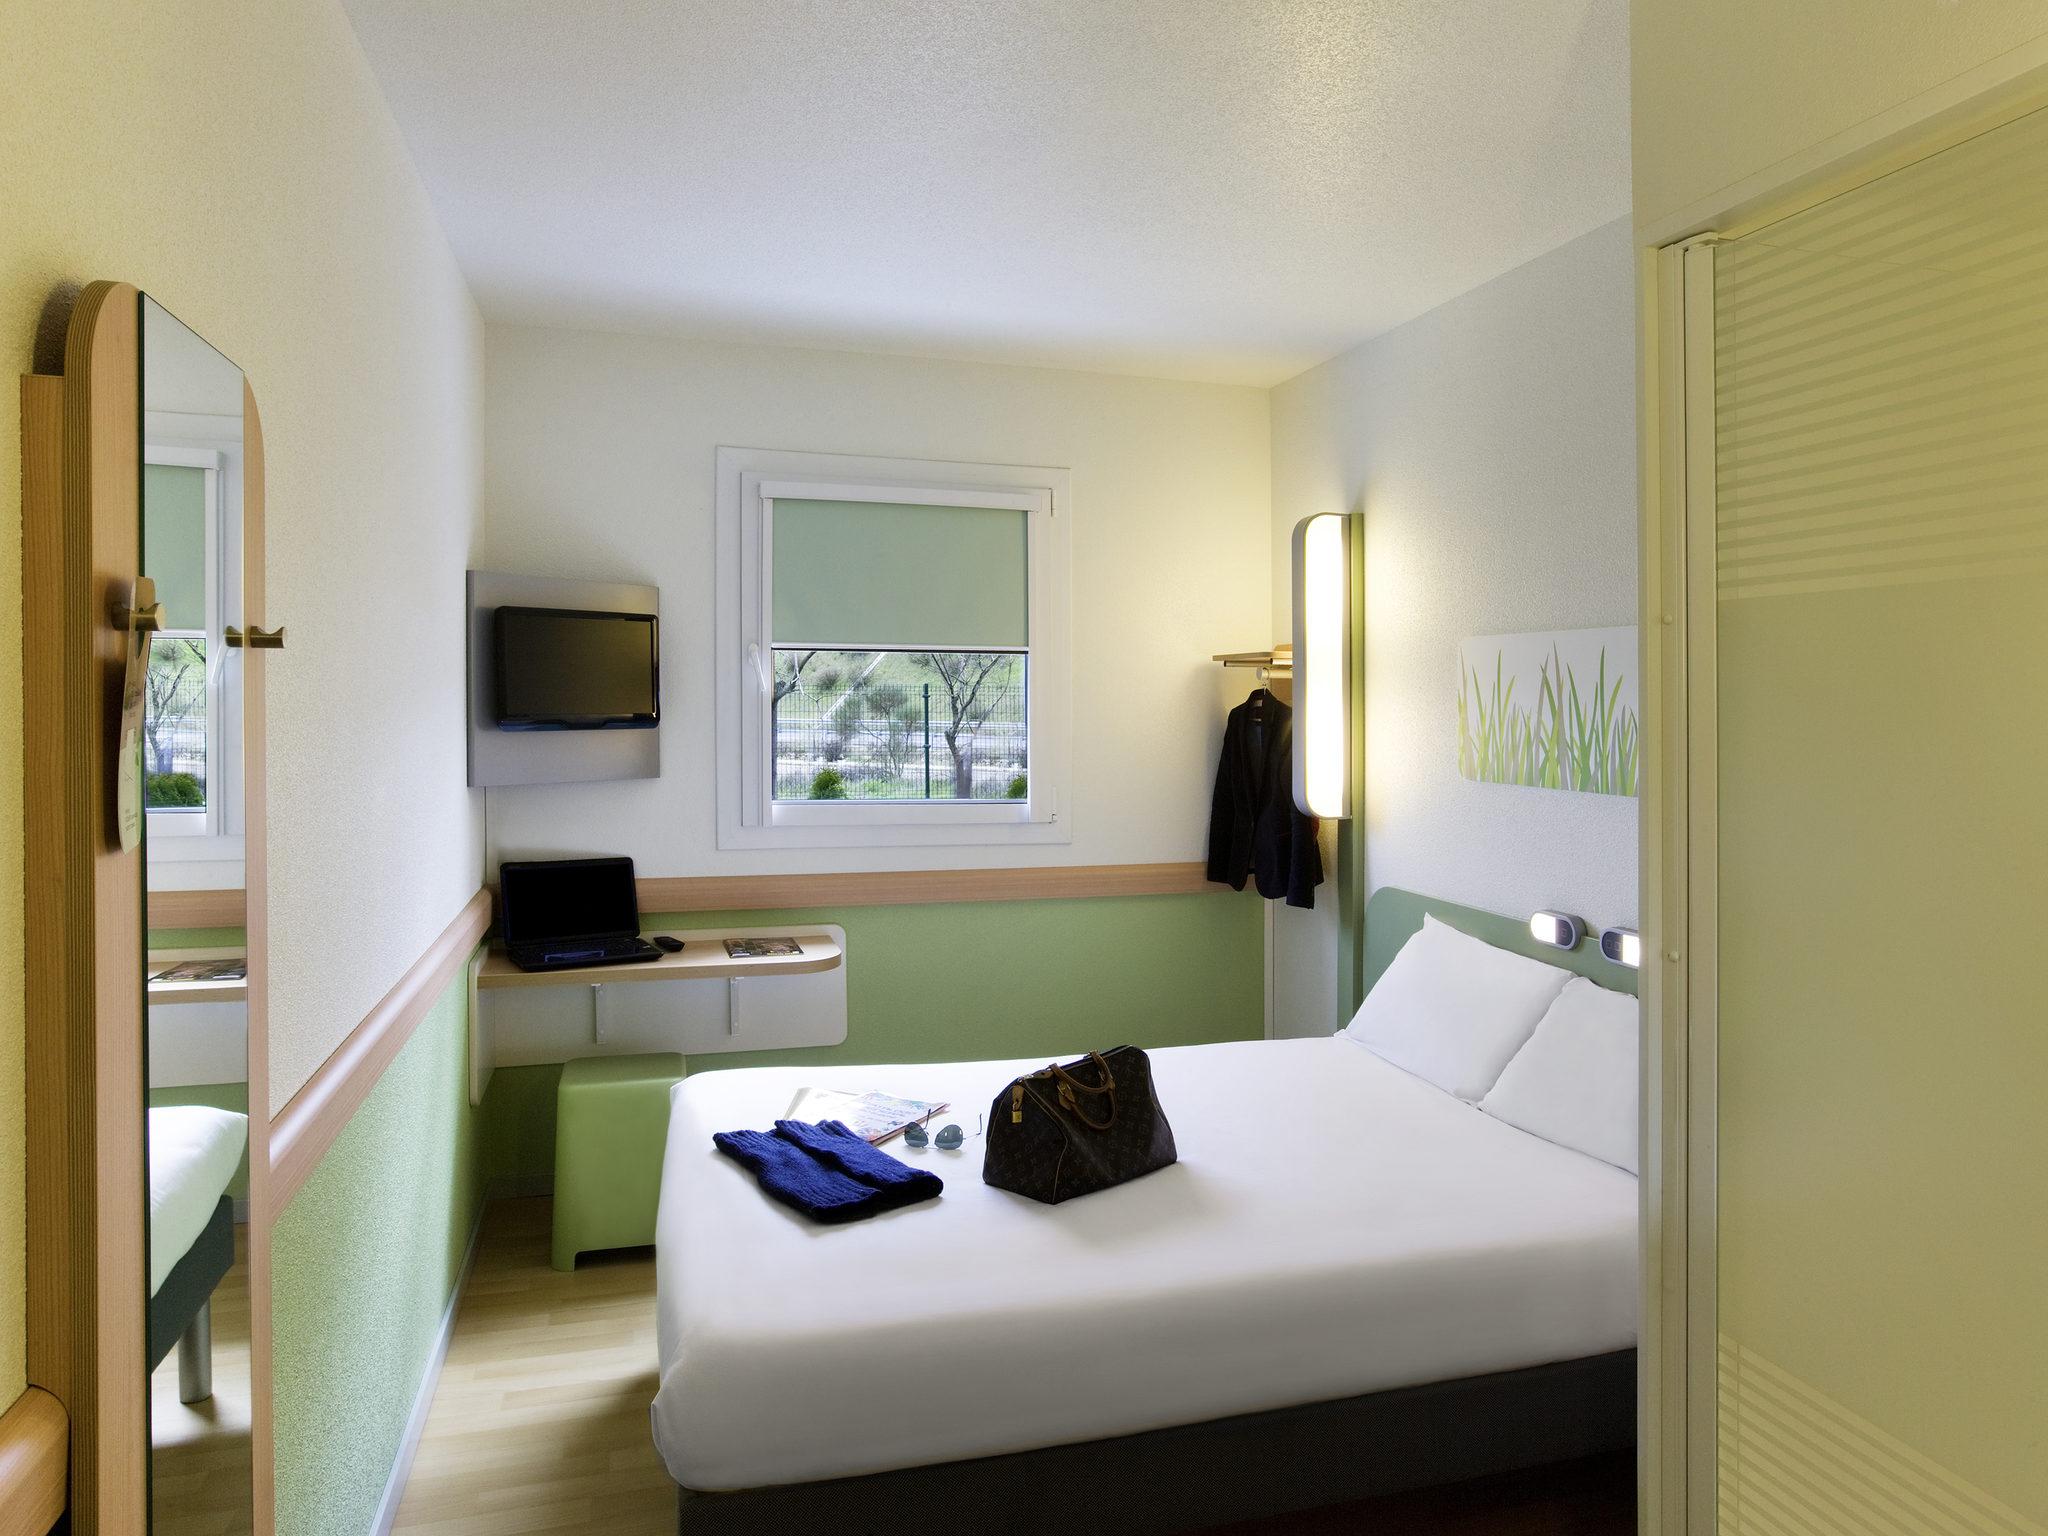 Hotel em getafe reserve no ibis budget getafe madrid for Casarse en madrid